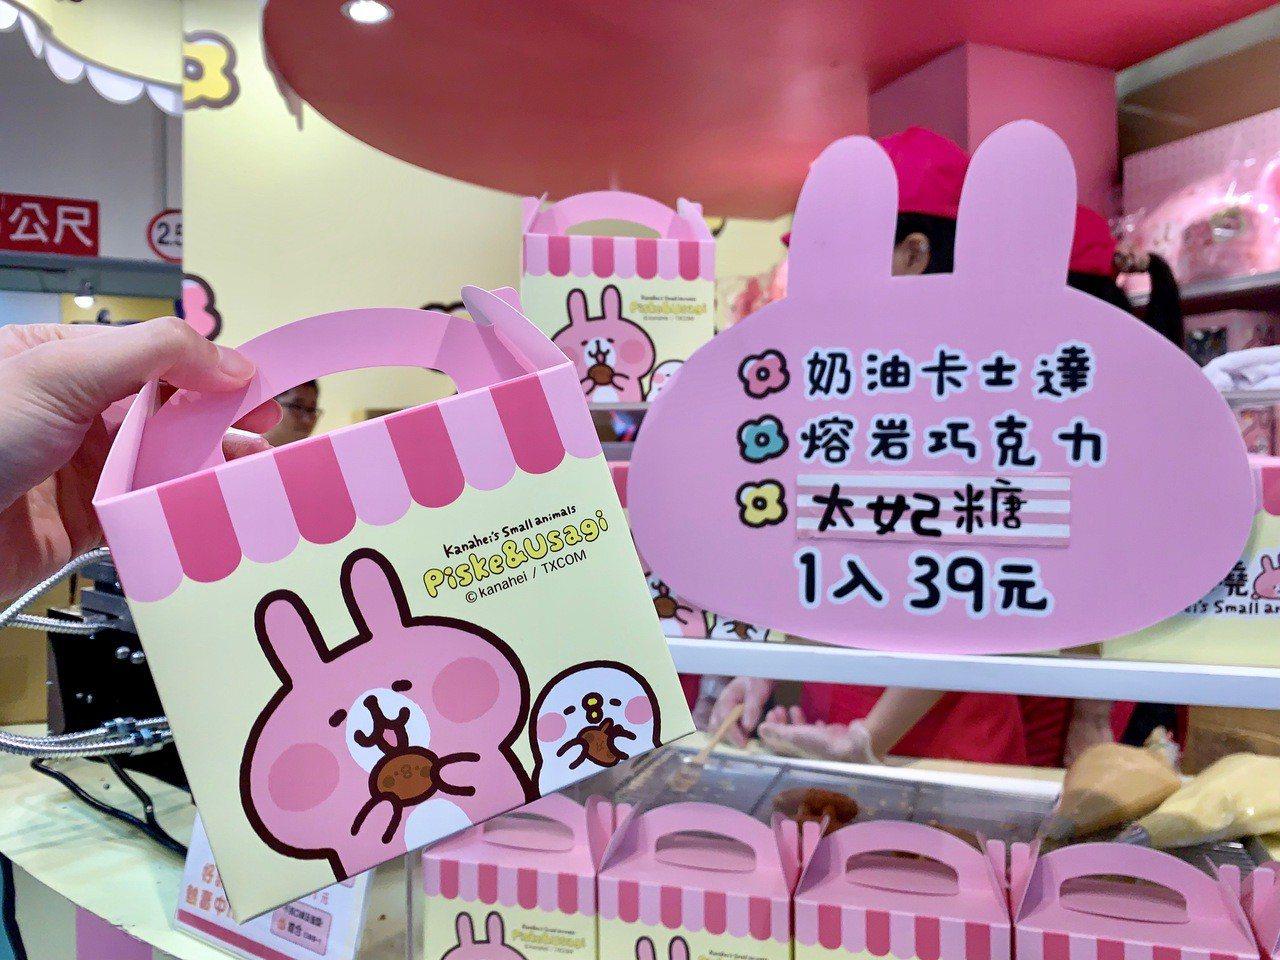 卡娜赫拉人形燒,三入售價110元。記者張芳瑜/攝影